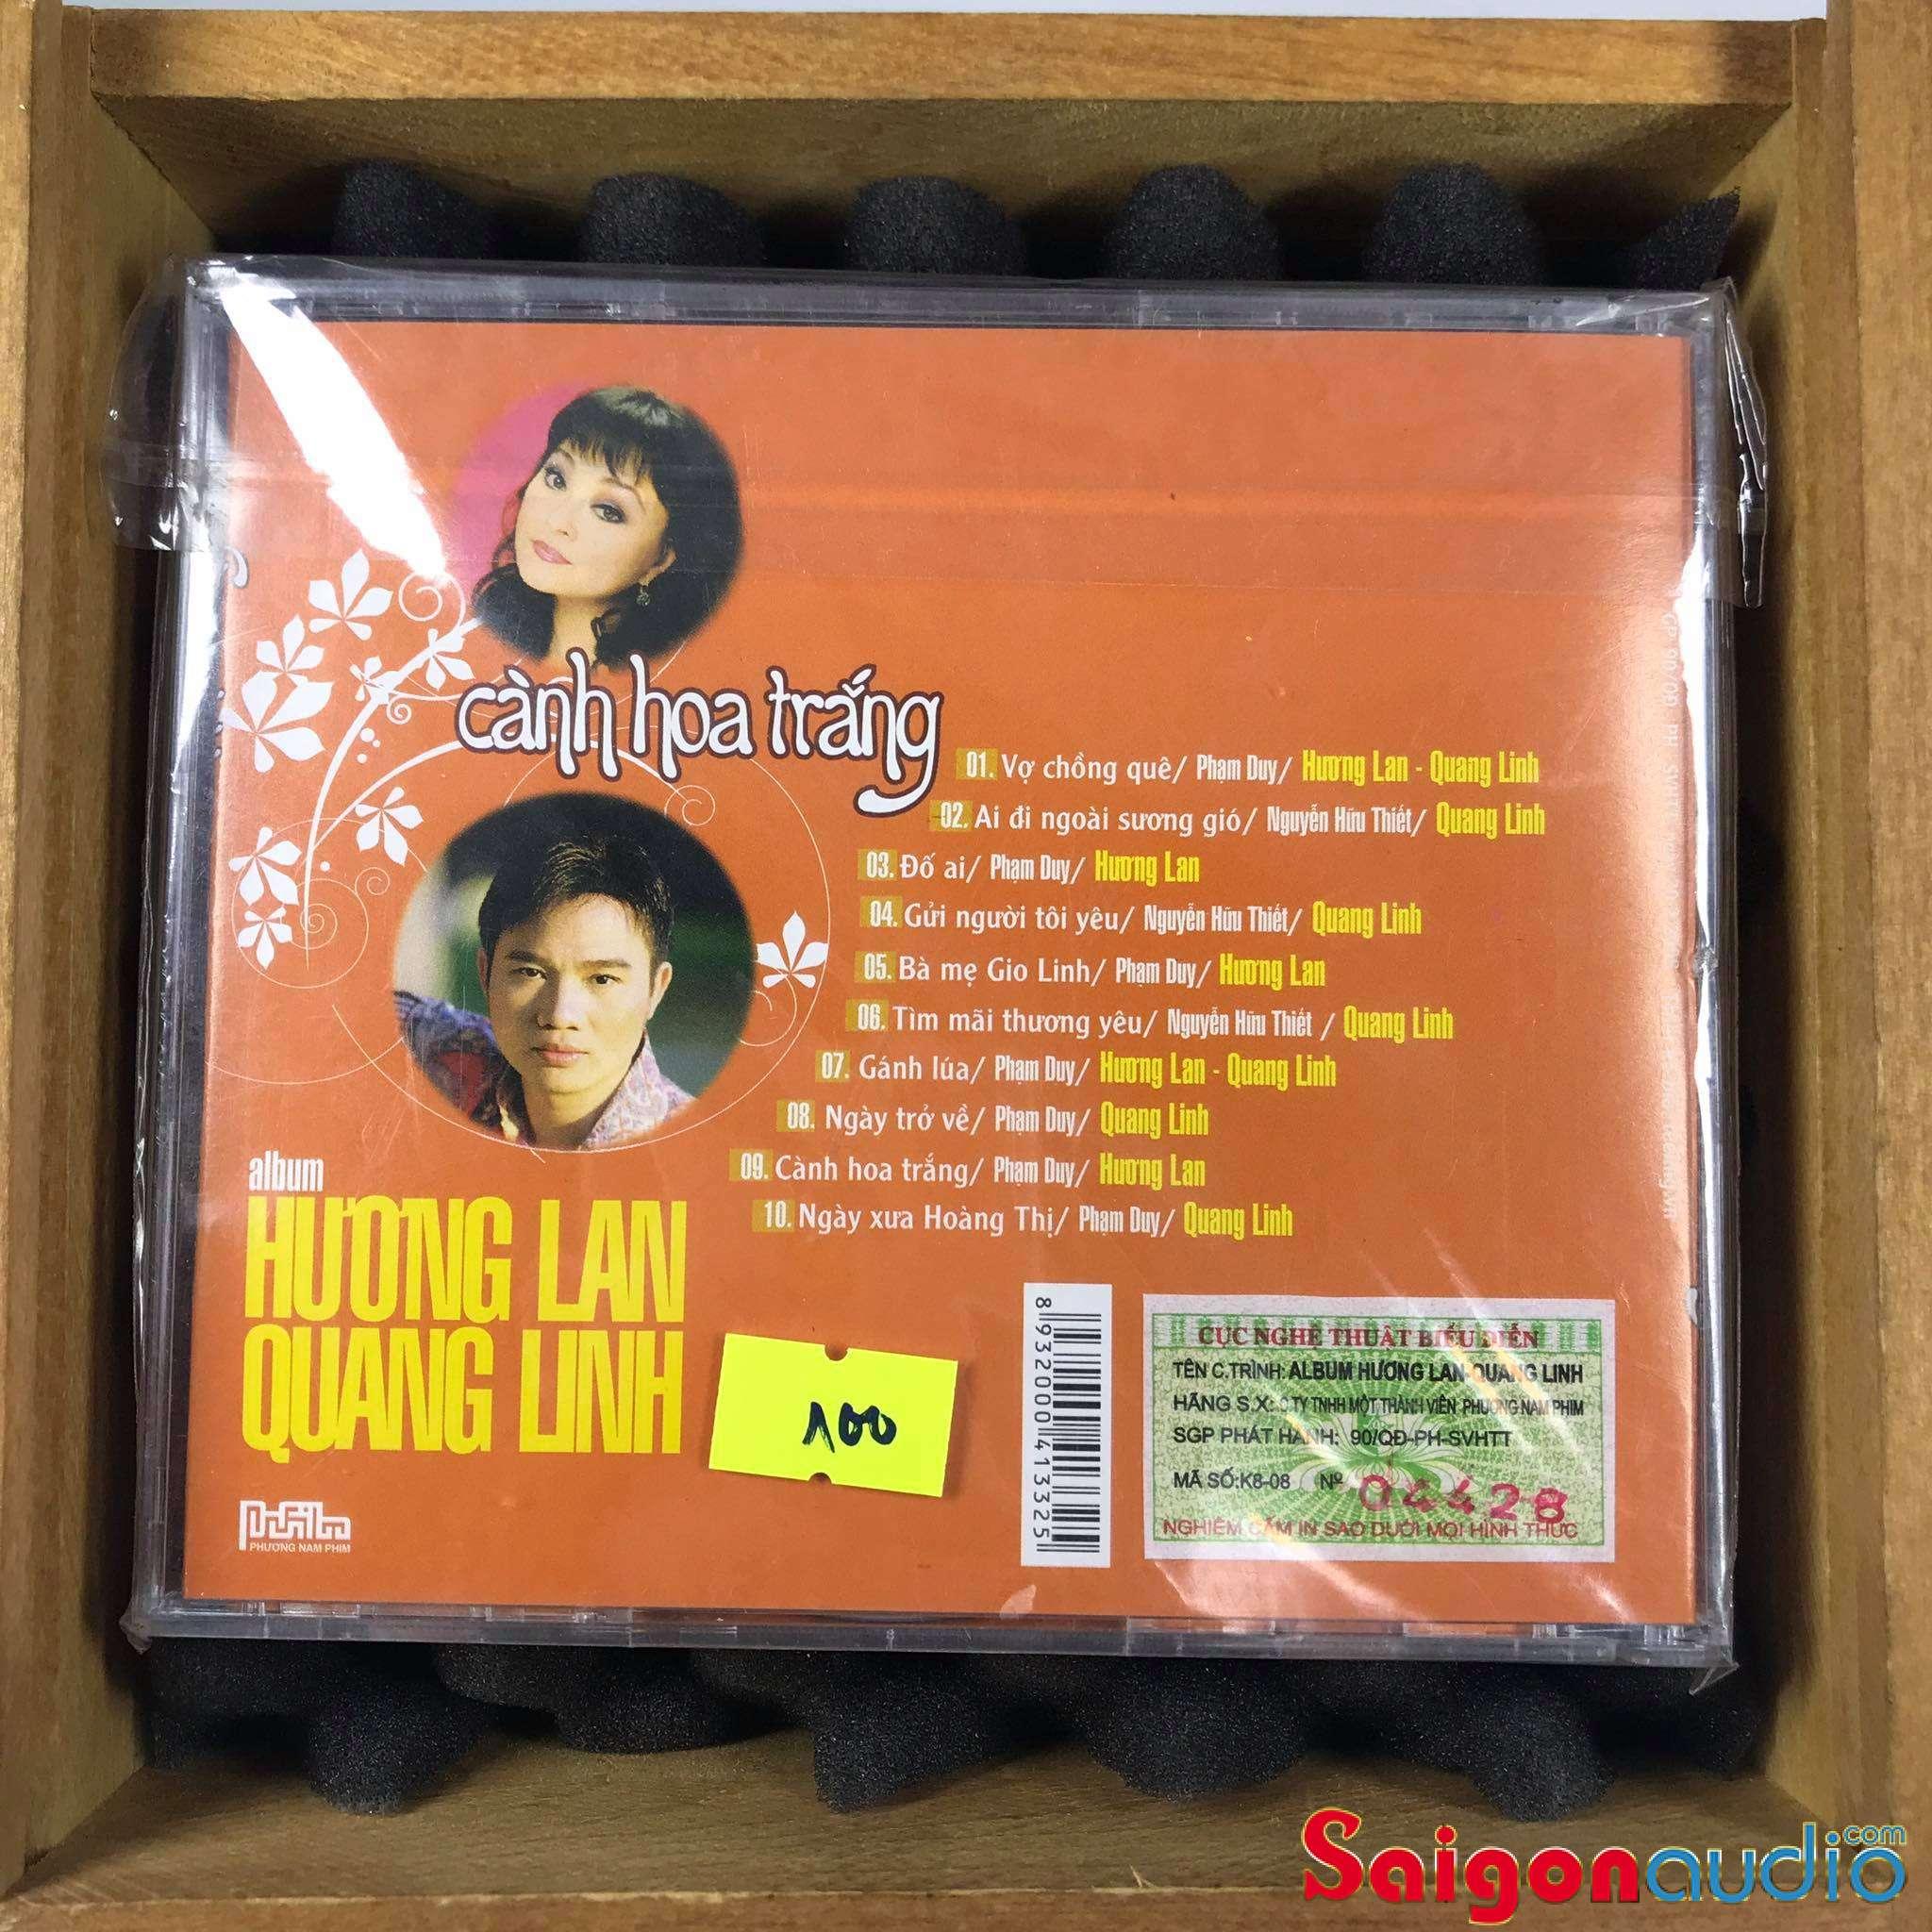 Đĩa CD nhạc gốc Hương Lan - Quang Linh - Cành Hoa Trắng (Free ship khi mua 2 đĩa CD cùng hoặc khác loại)